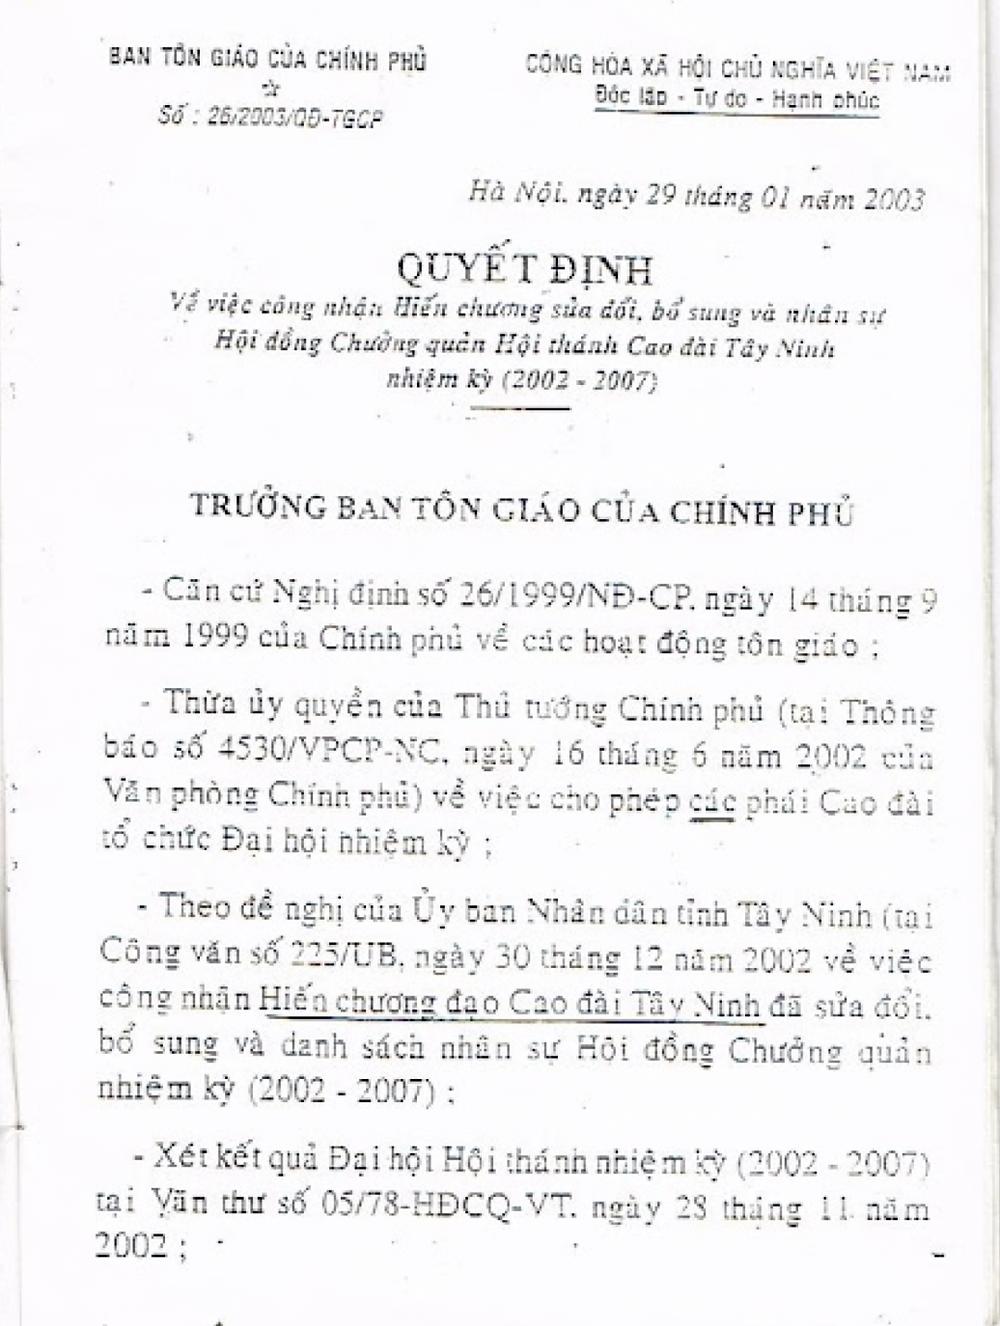 Quyết định số 26/2003/QĐ-TGCP